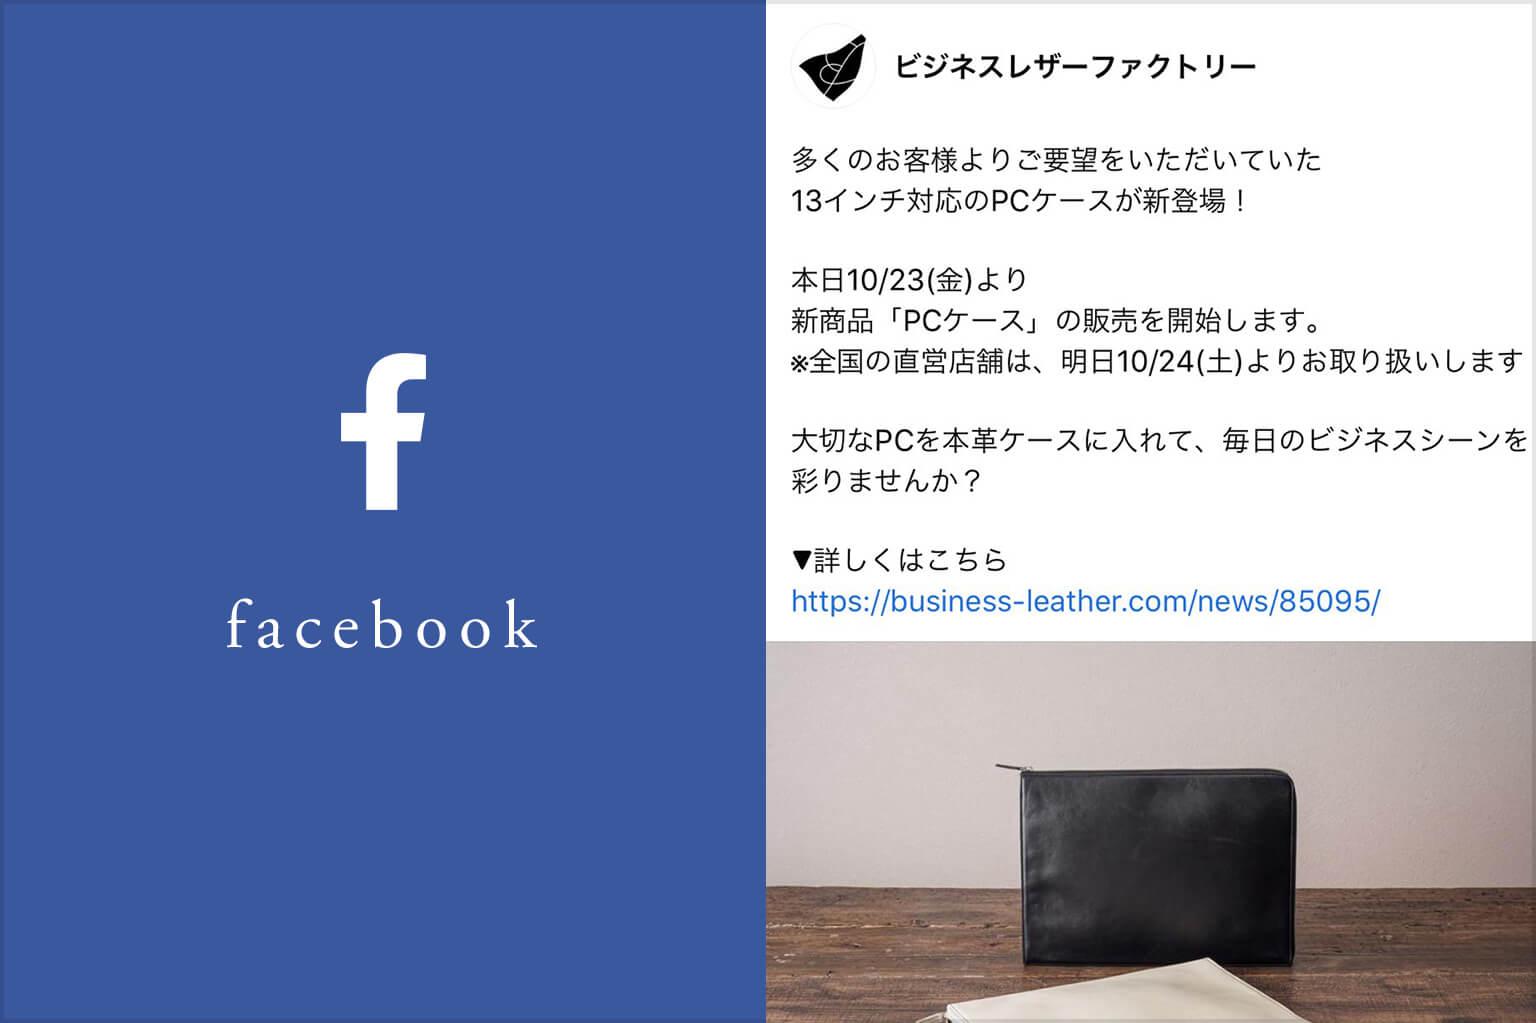 SNS Facebook